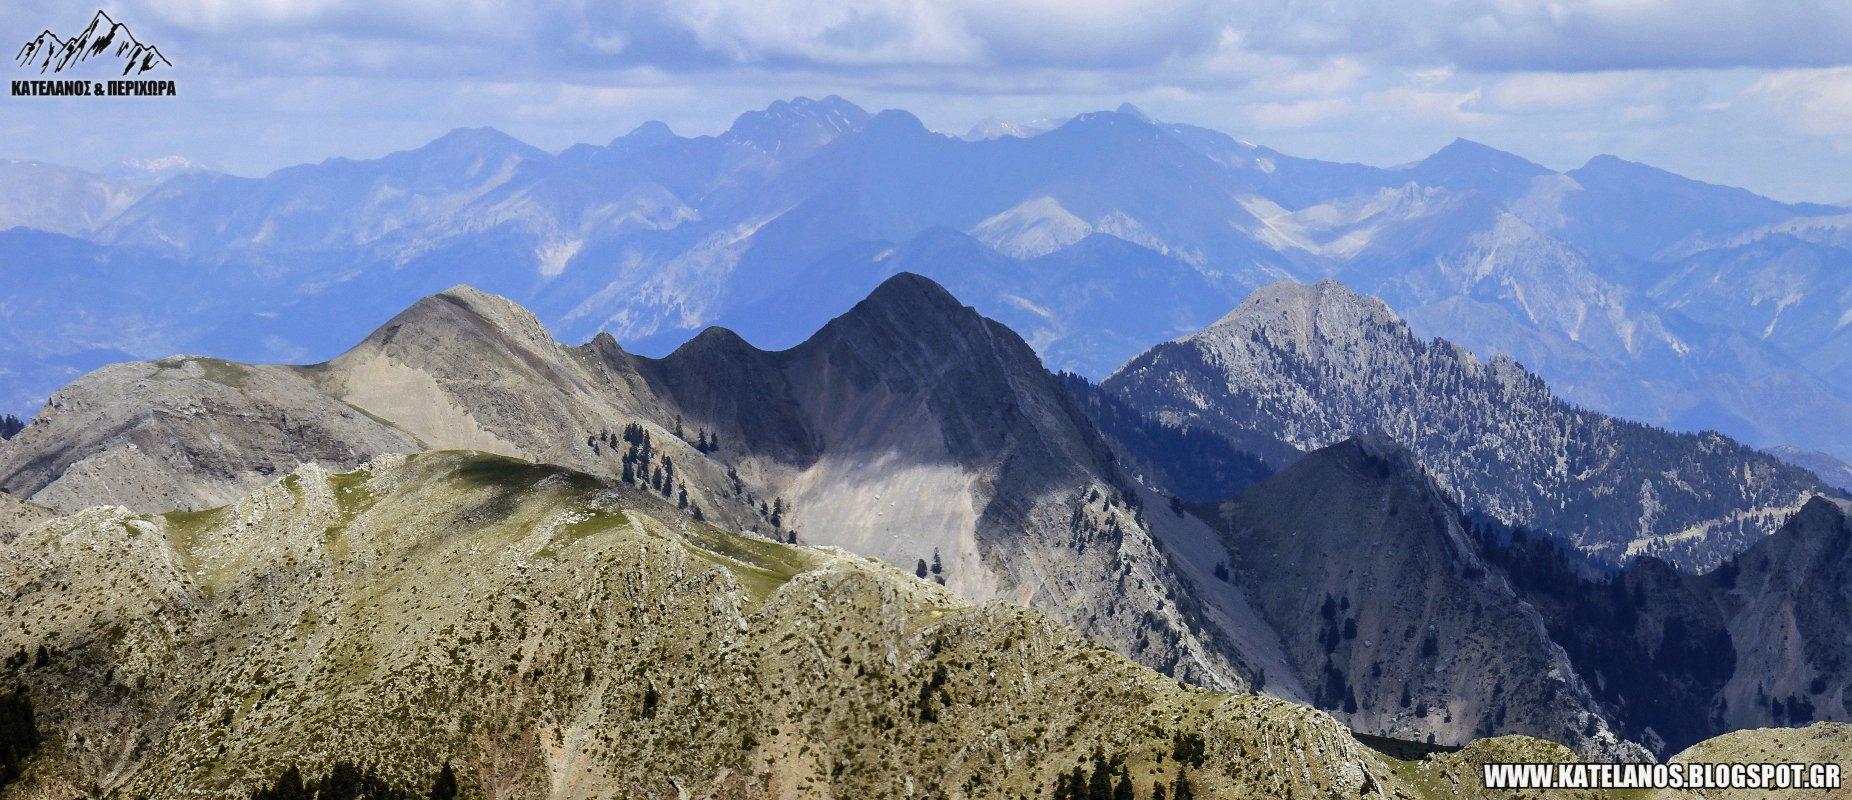 νεραϊδοβουνι νεραιδοβουνι παναιτωλικου ορους φτερη αγραφων δυτικα αγραφα βουνα